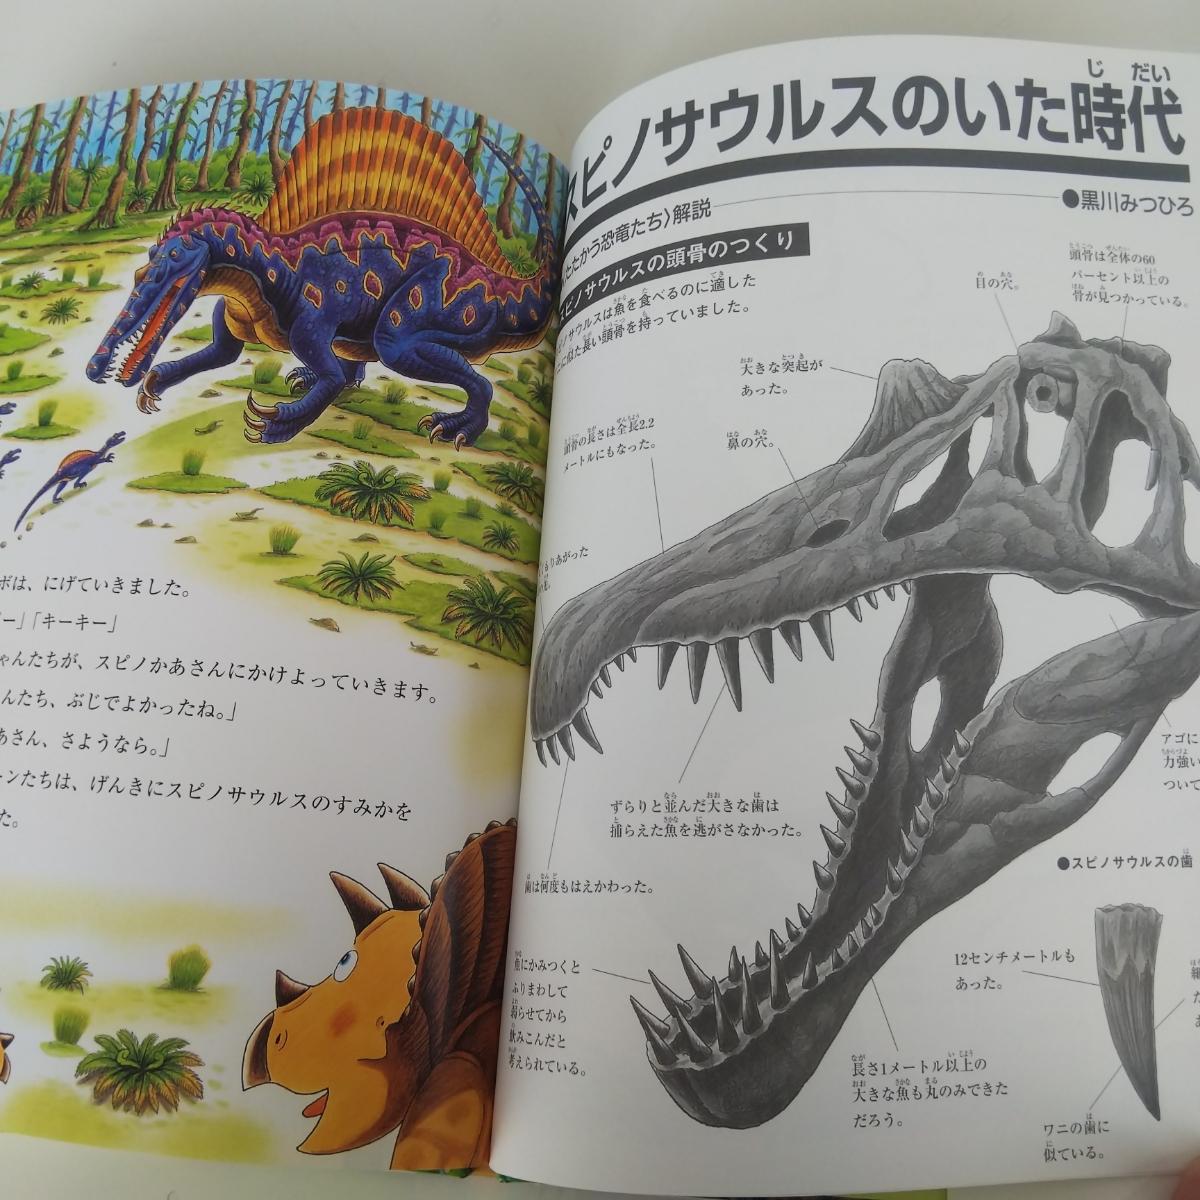 絵本 恐竜 トリケラトプスとスピノサウルス 黒川みつひろ 中古_画像6